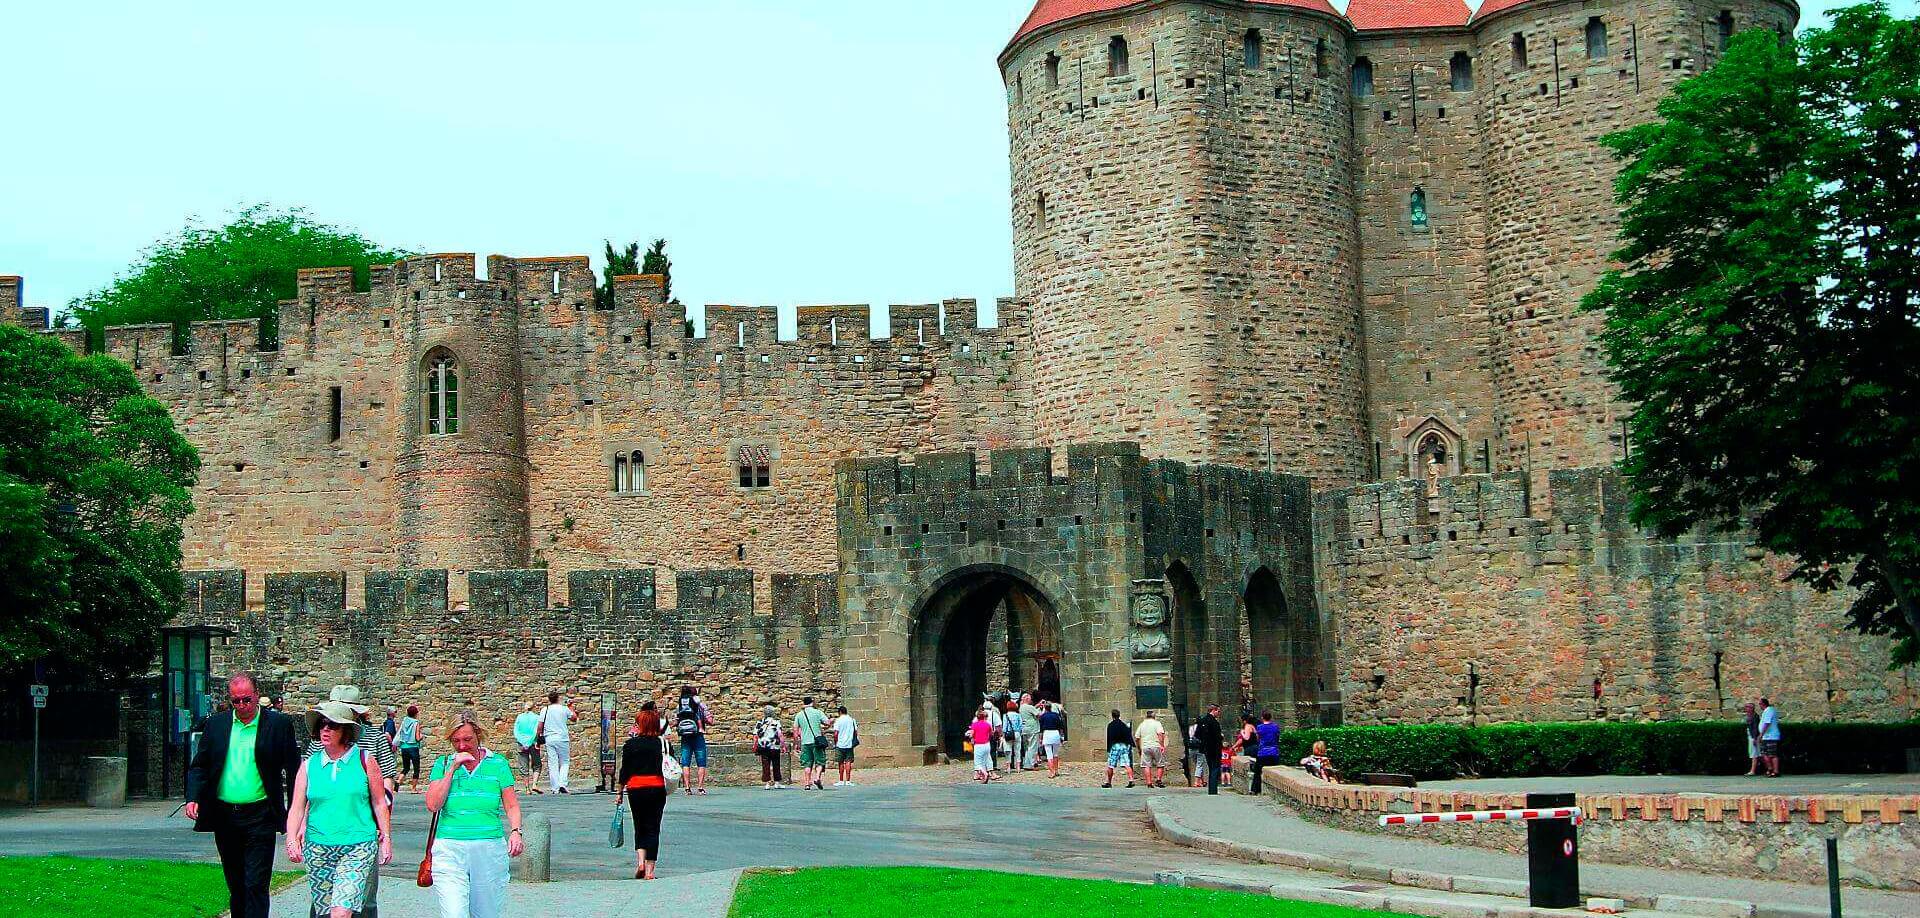 Sant Feliu de Guíxols - Carcassonne (Frankreich)